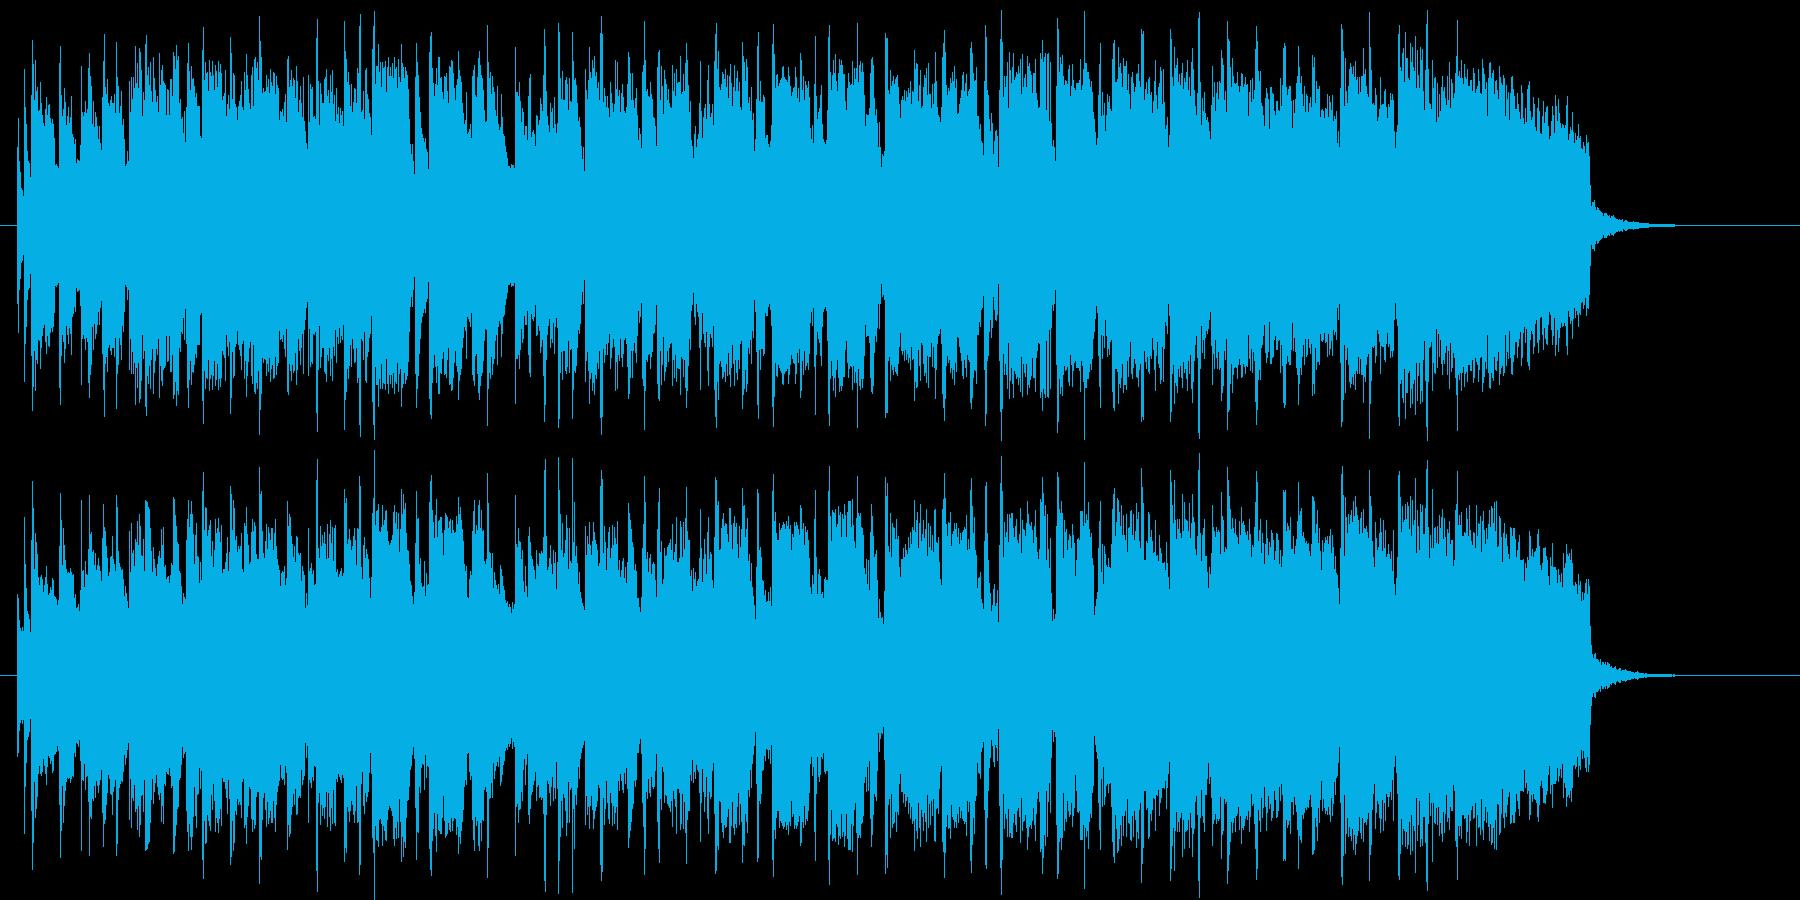 明るく可愛らしいシンセサイザーの曲の再生済みの波形